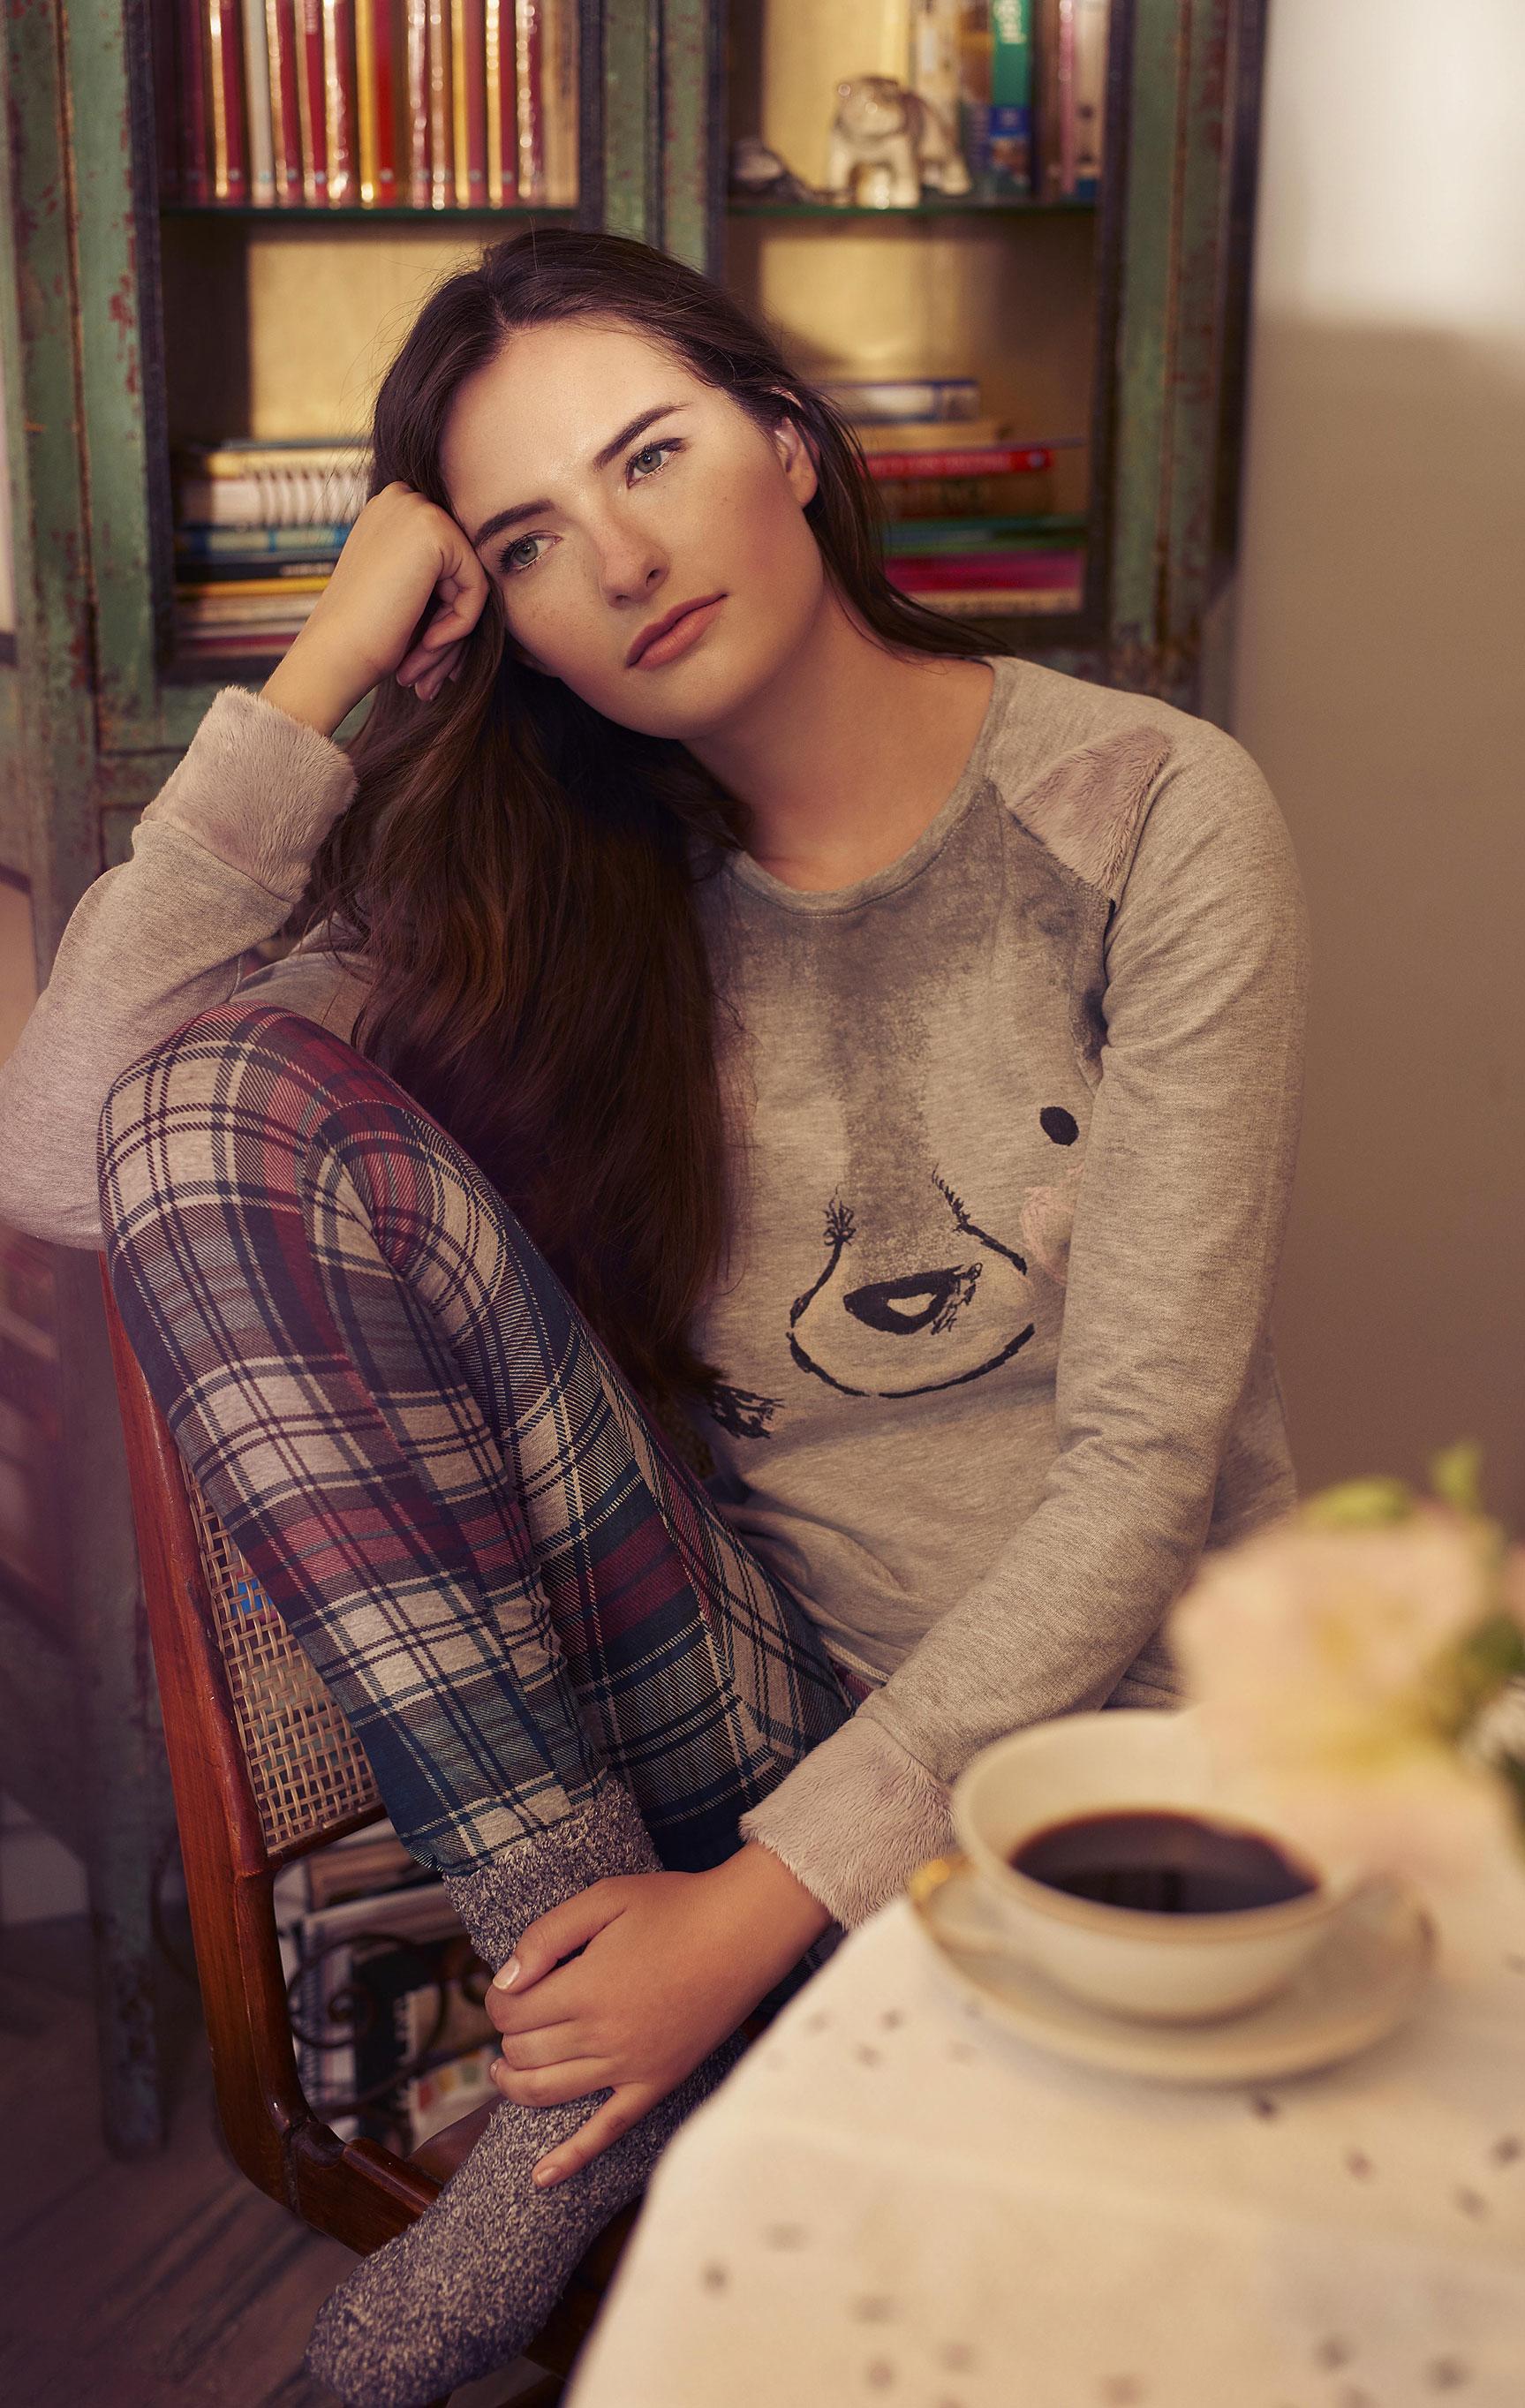 Бренда Фрейтас в нижнем белье и домашней одежде / фото 12